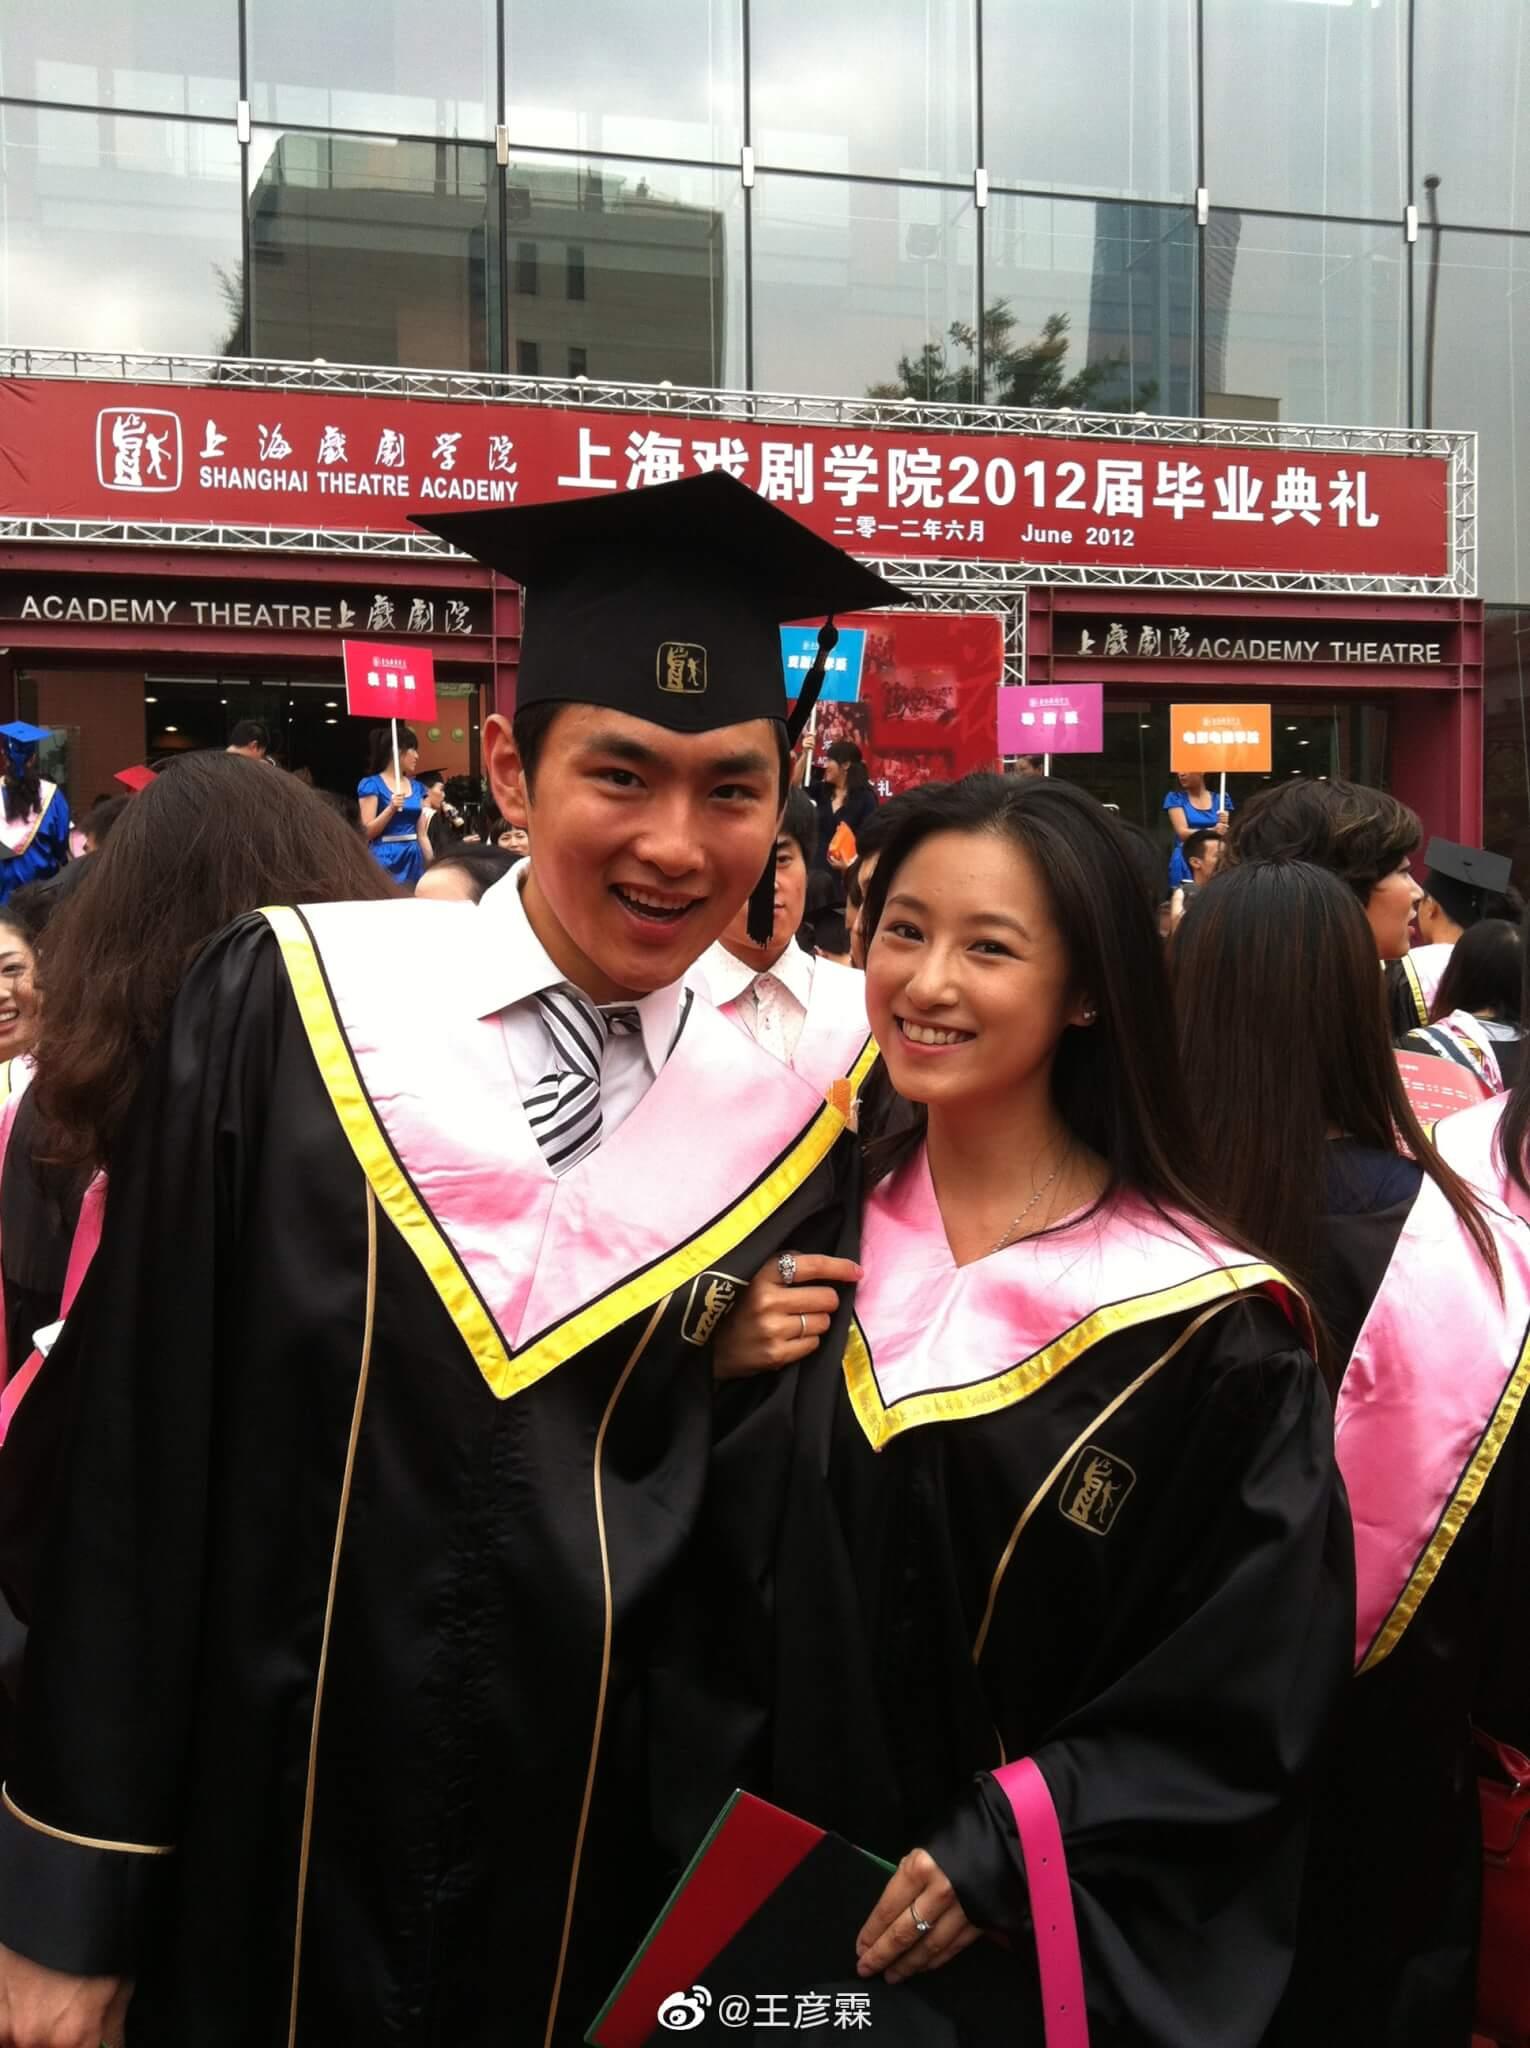 王彥霖與艾佳妮是大學同學